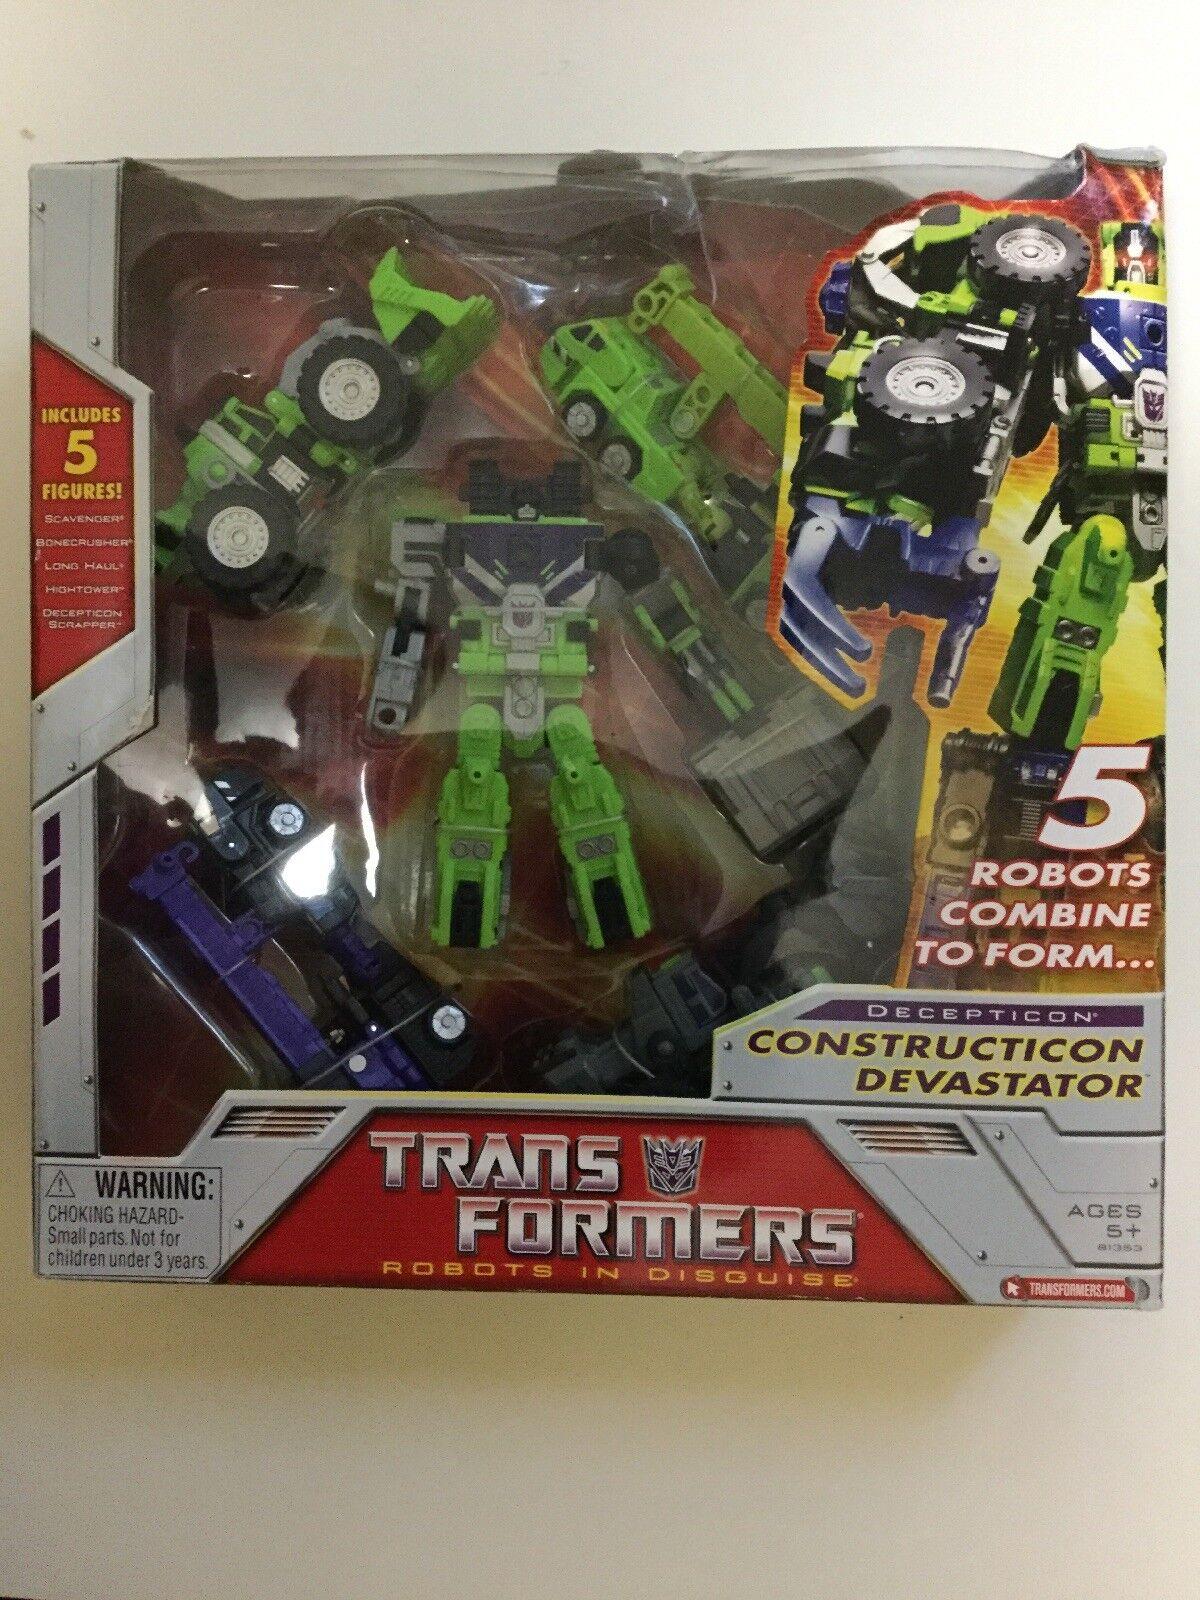 Transformers Robots in Disguise RID Decepticon Constructicon Devastator